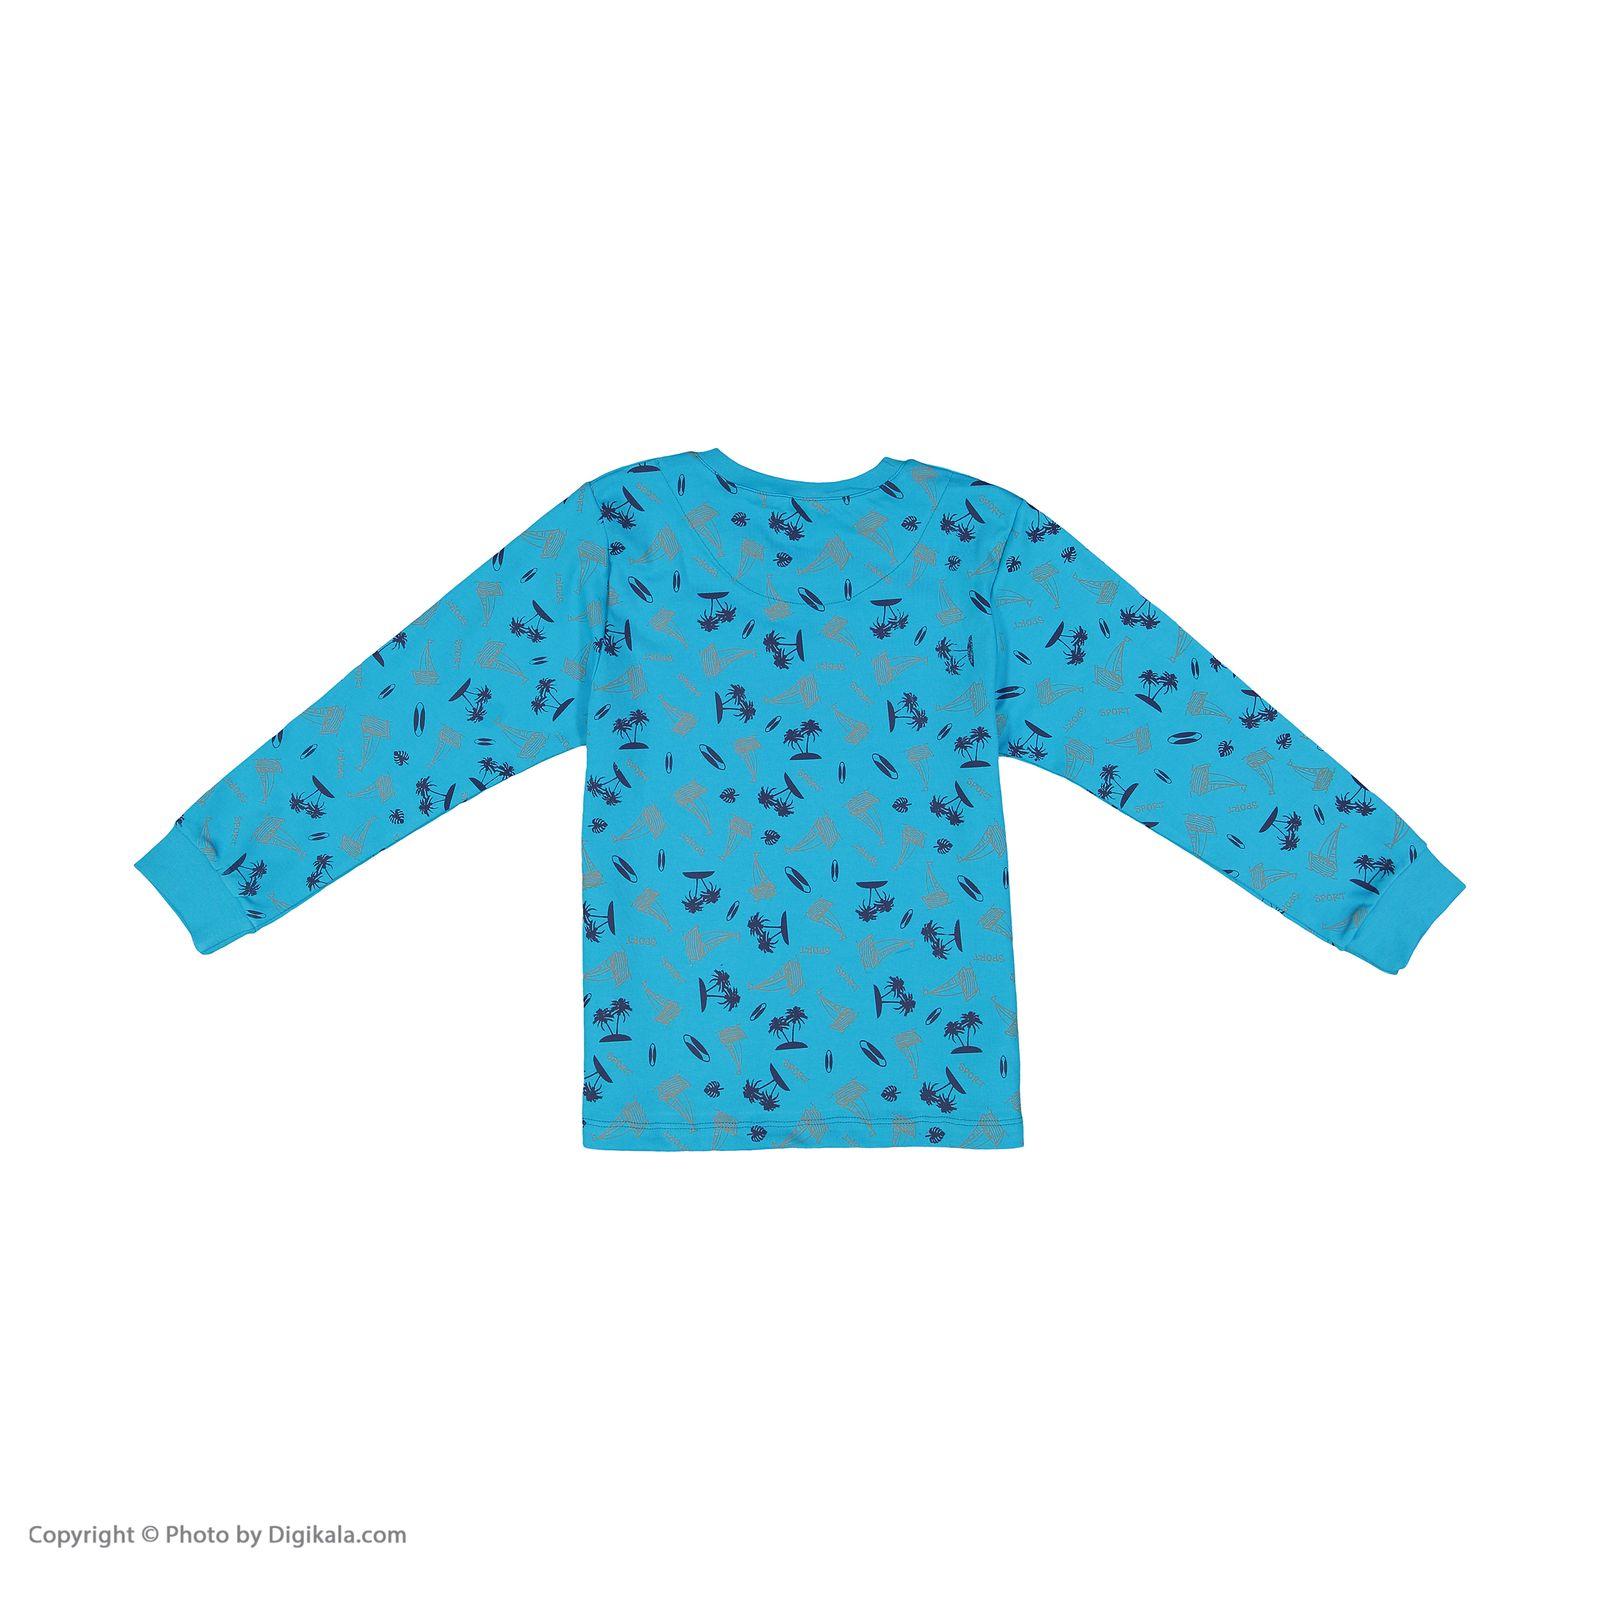 ست تی شرت و شلوار پسرانه مادر مدل 306-53 main 1 5